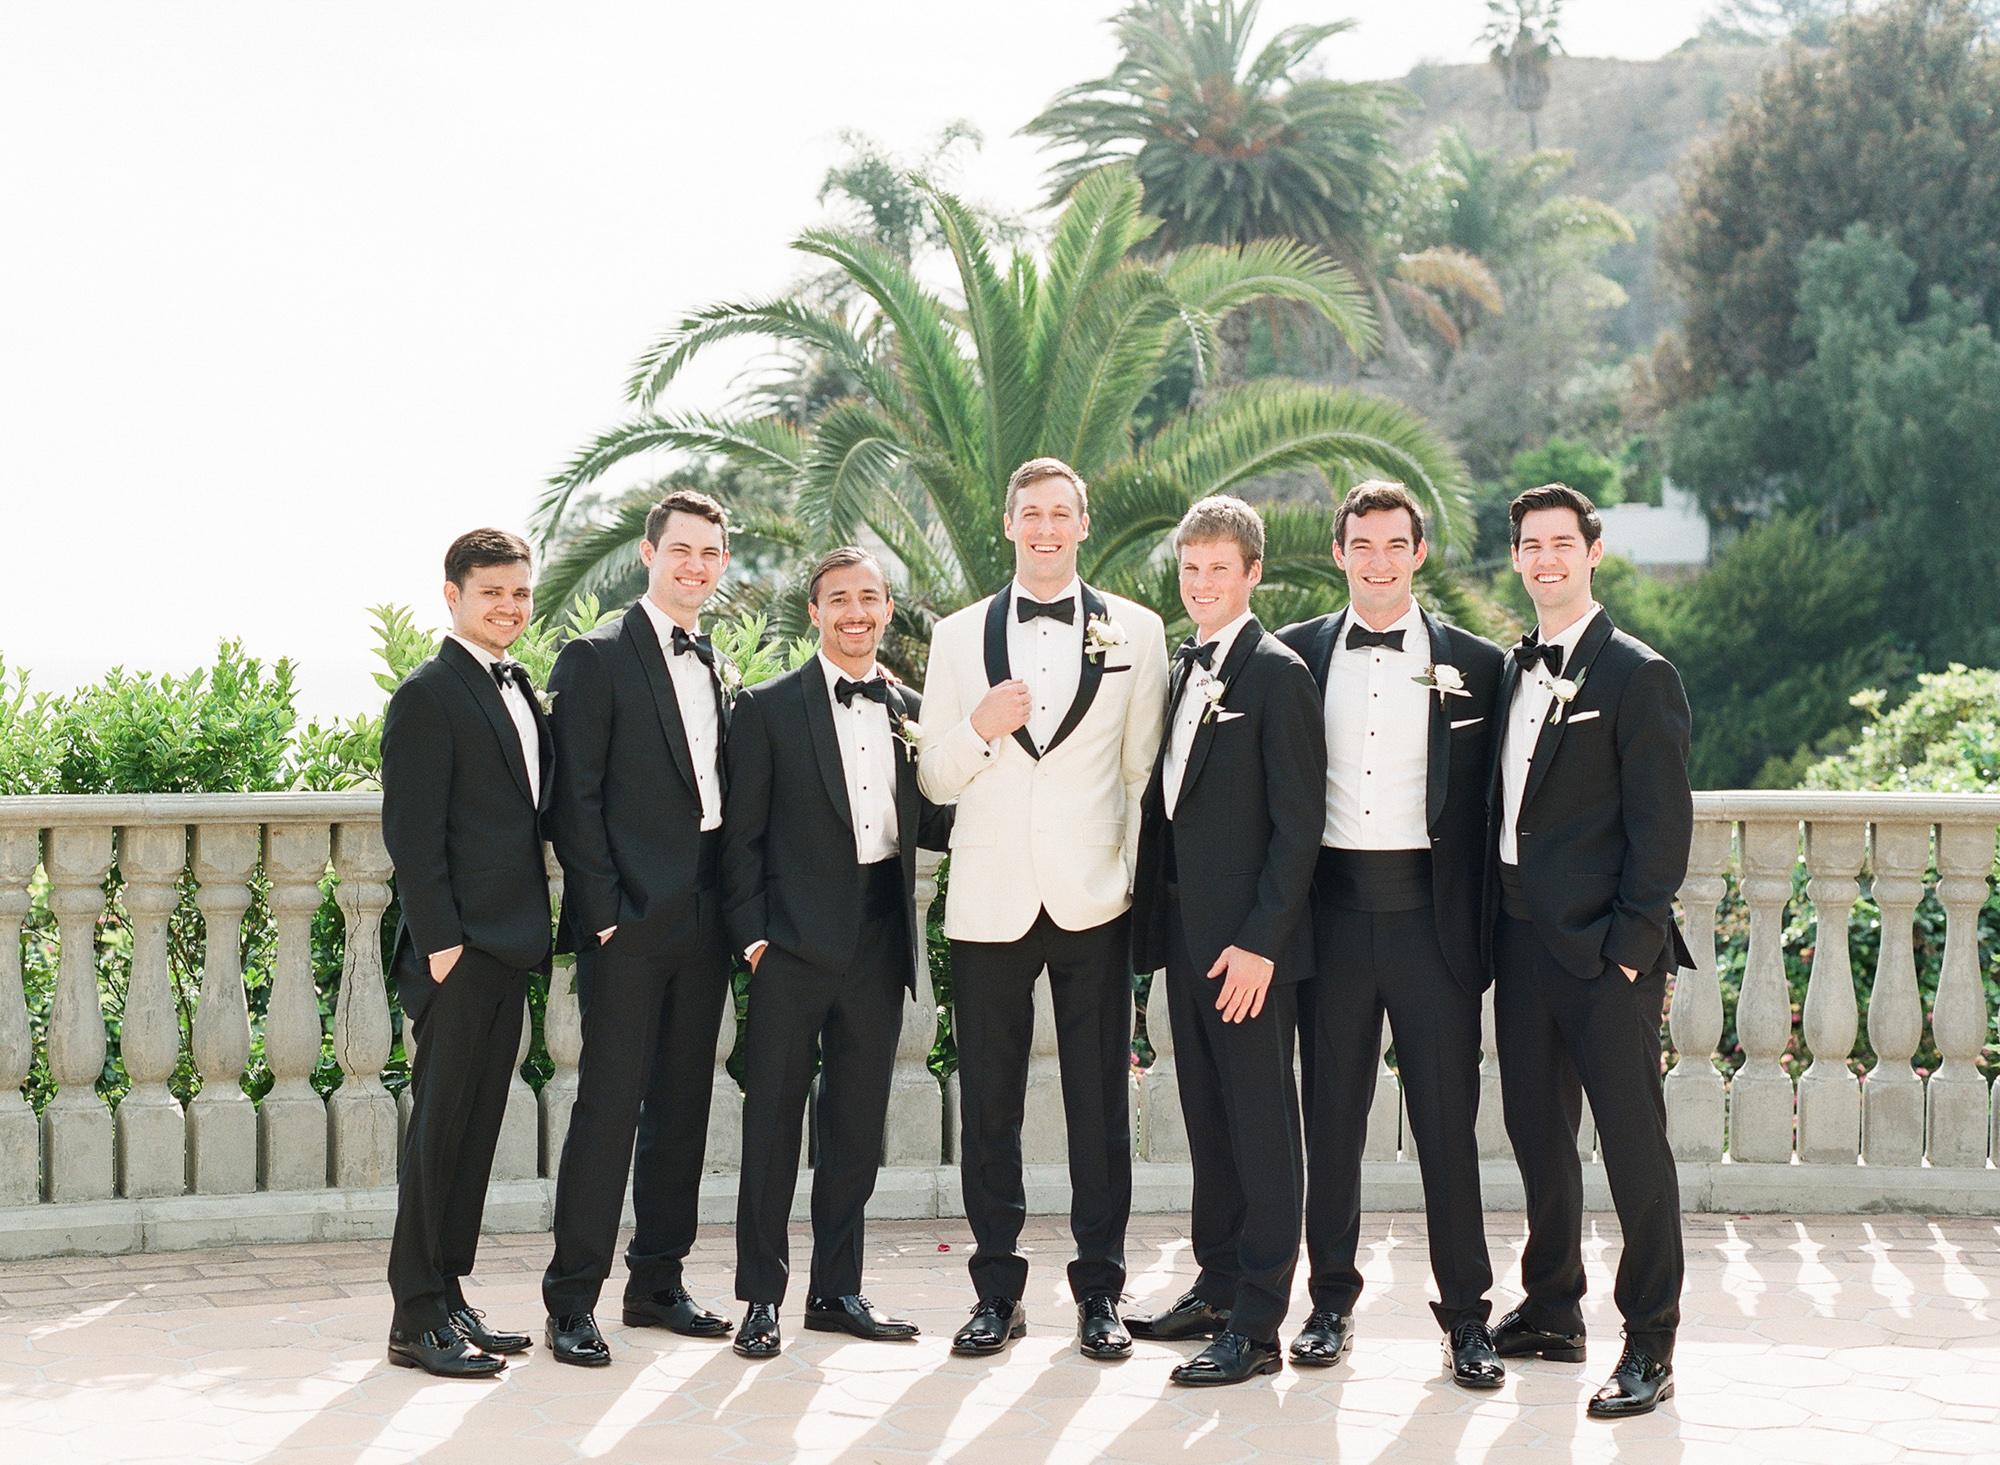 Bel-Air-Bay-Club-Wedding-Film-19.jpg